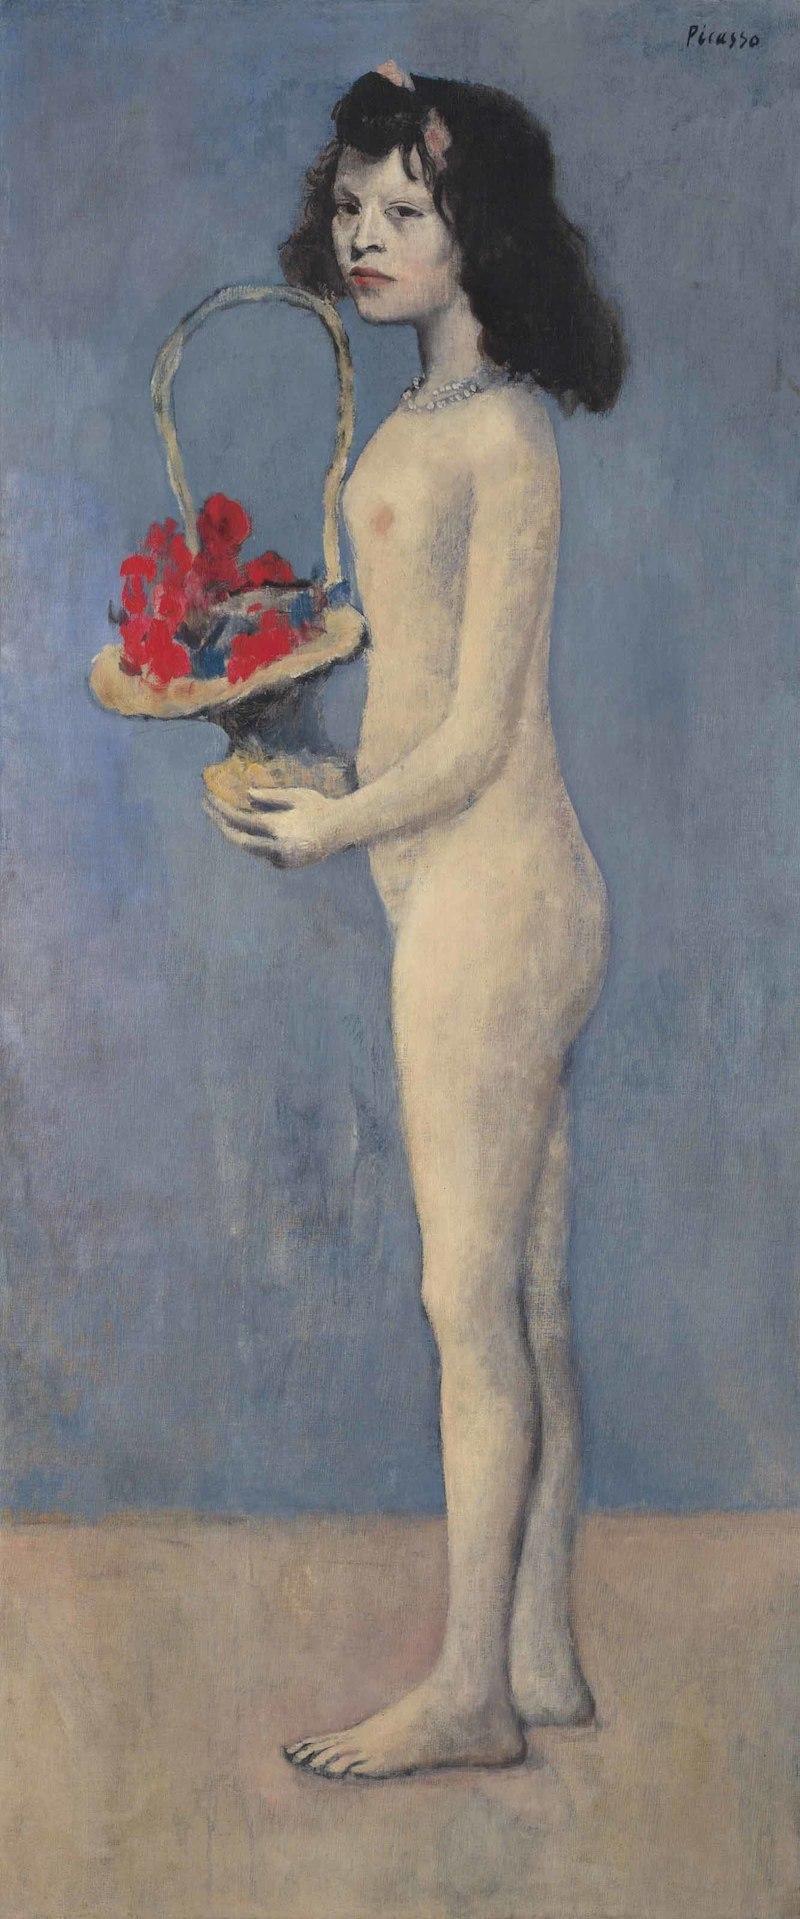 Pablo Picasso (1881-1973), Fillette à la corbeille fleurie, Image ©Christie's